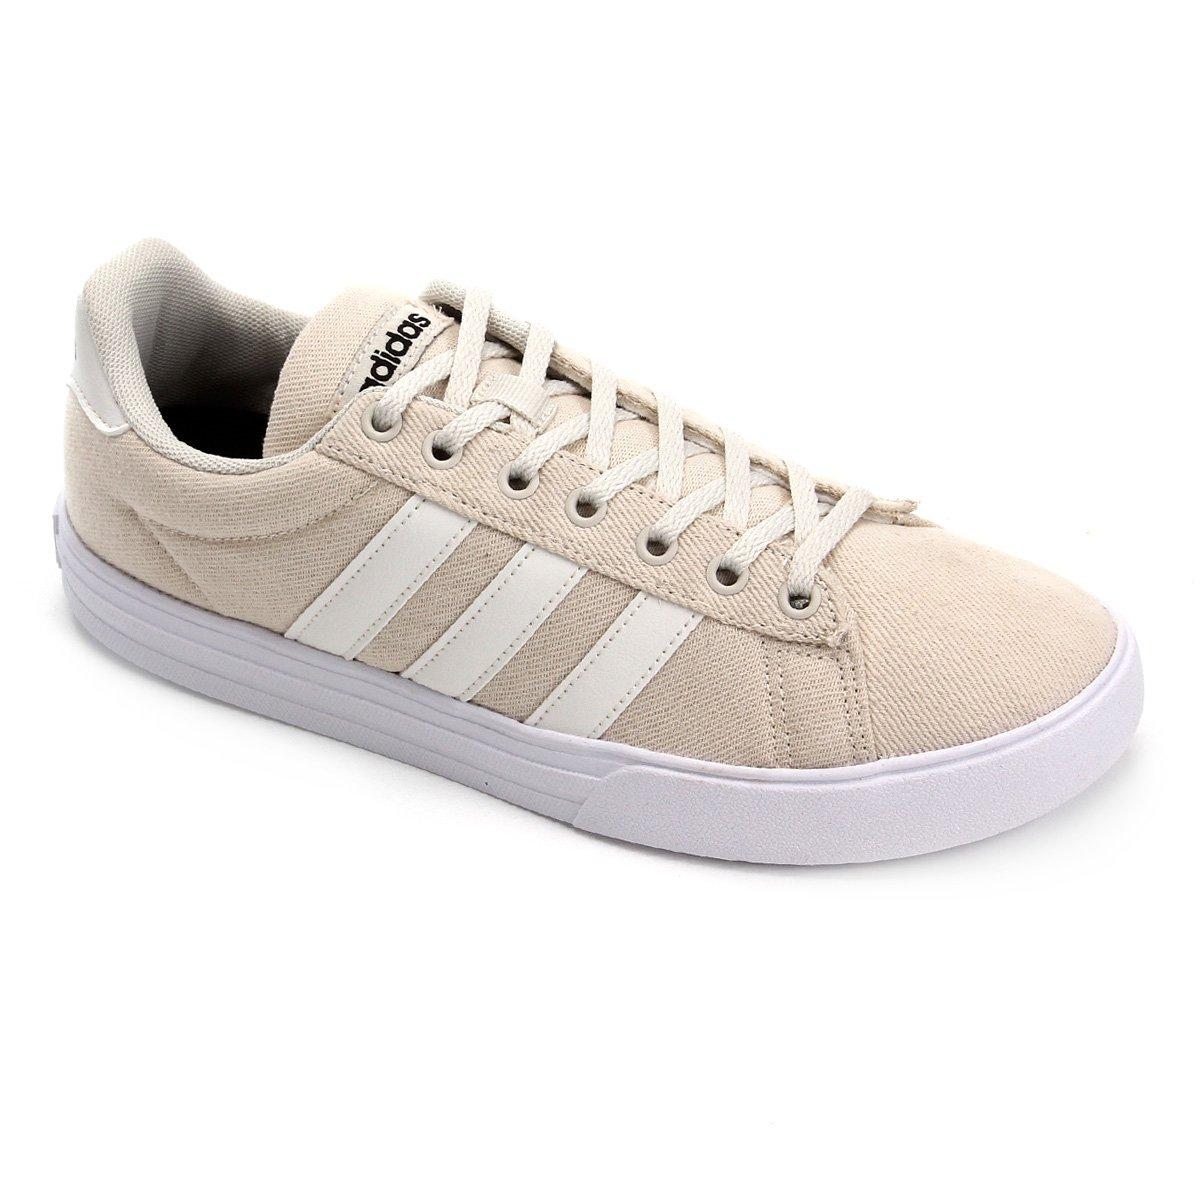 50414644330 Tênis Adidas Daily 2.0 Masculino - Bege e Branco - Compre Agora ...